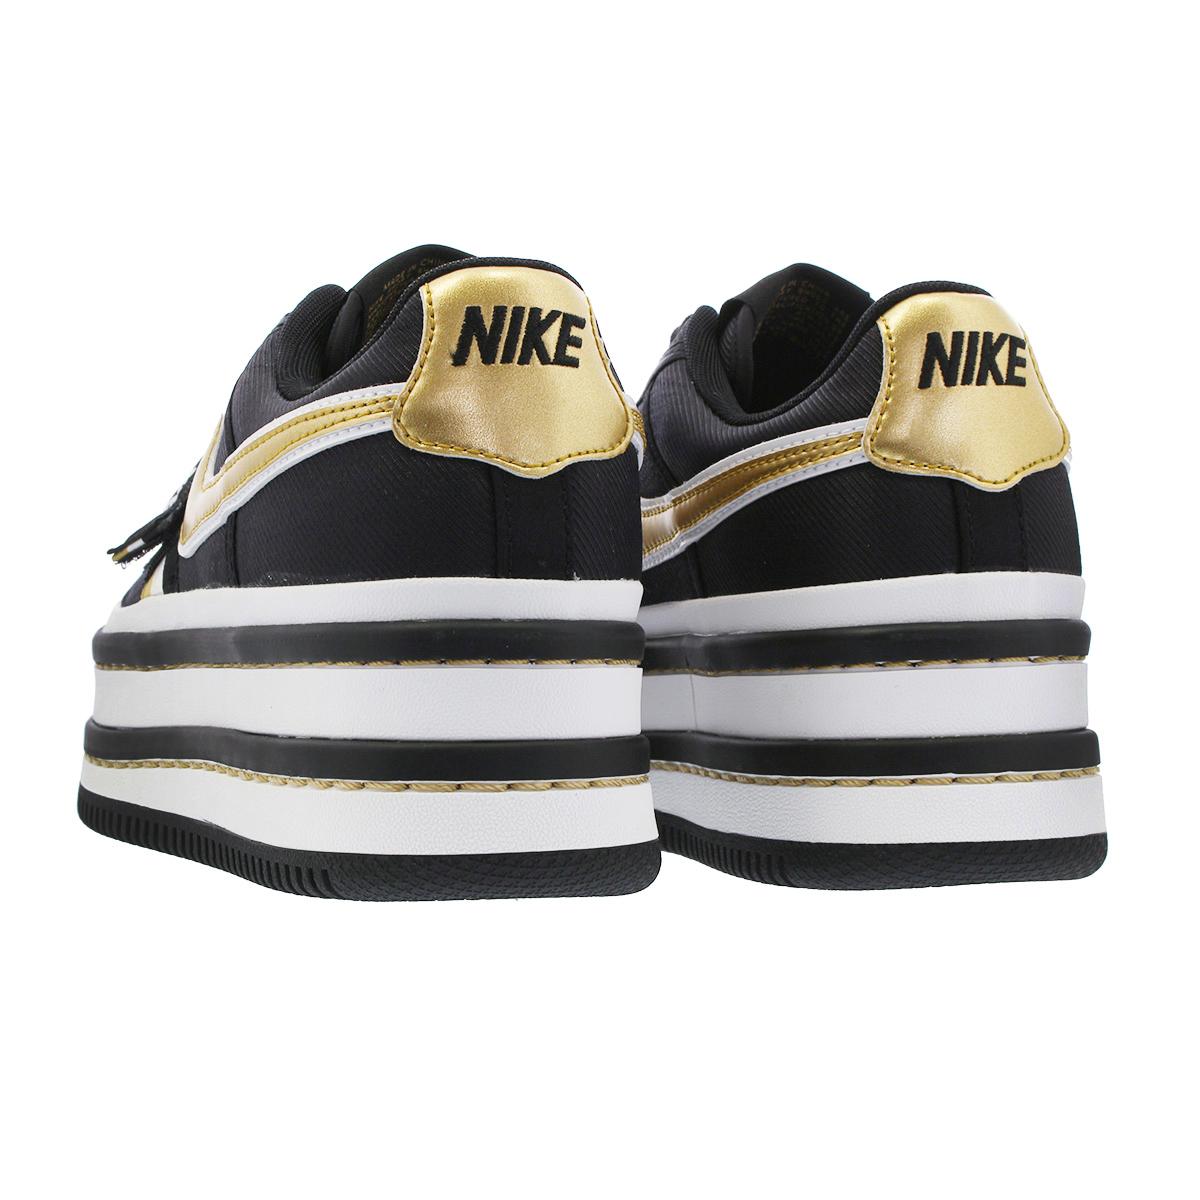 15a444b3c2498 SELECT SHOP LOWTEX  NIKE WMNS VANDAL 2K Nike women Vandal 2K BLACK ...